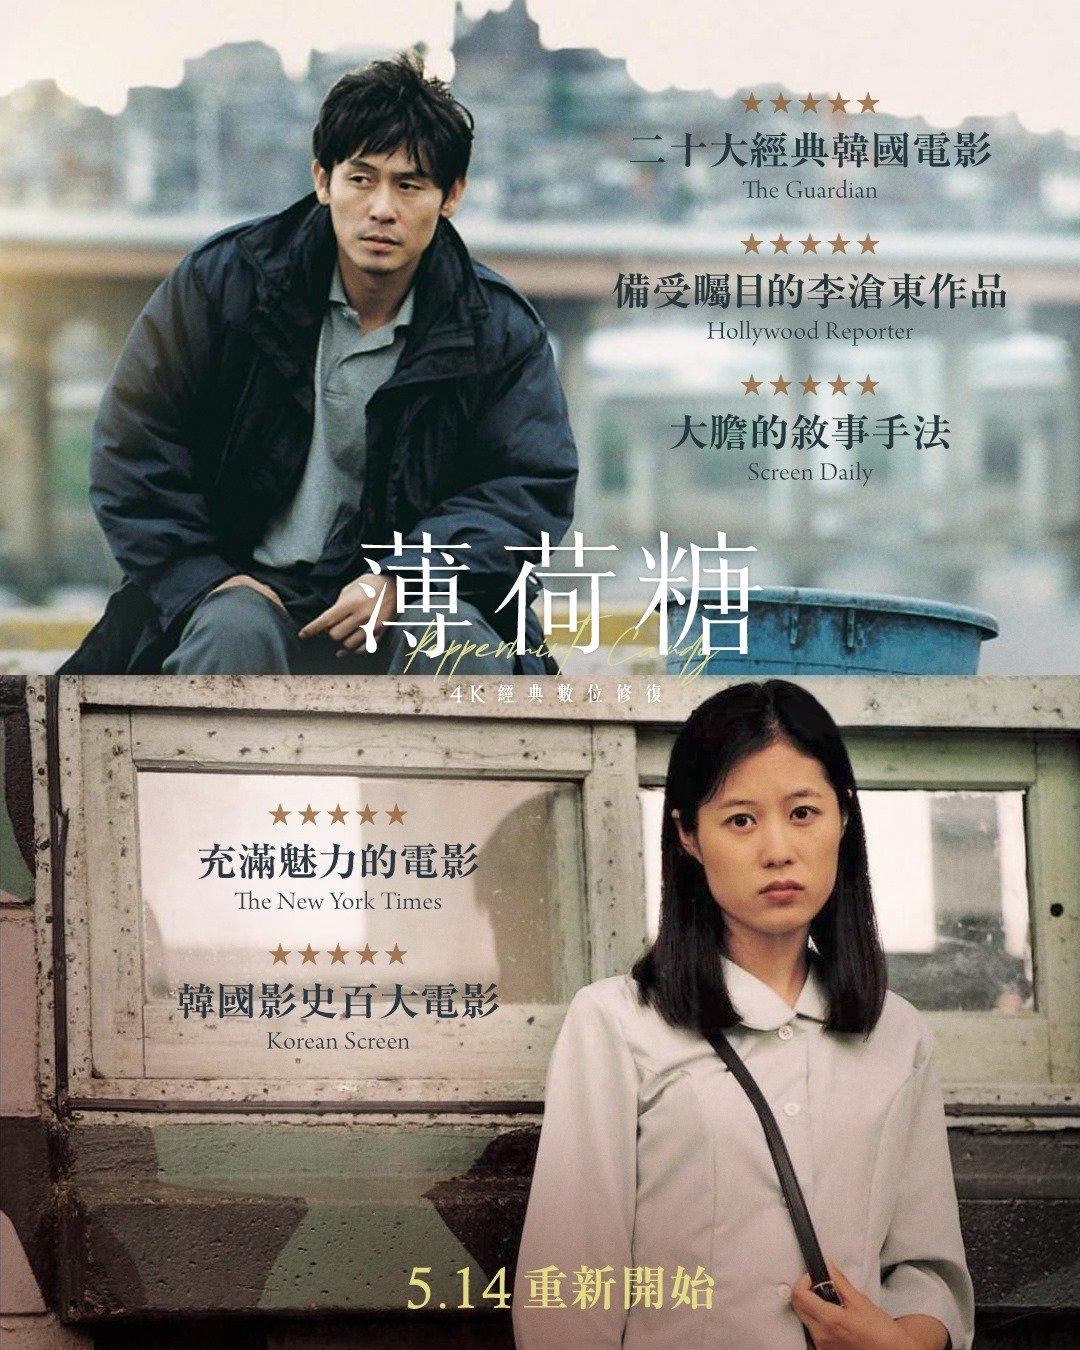 影视资讯李沧东《薄荷糖》4K修复版台湾重映海报